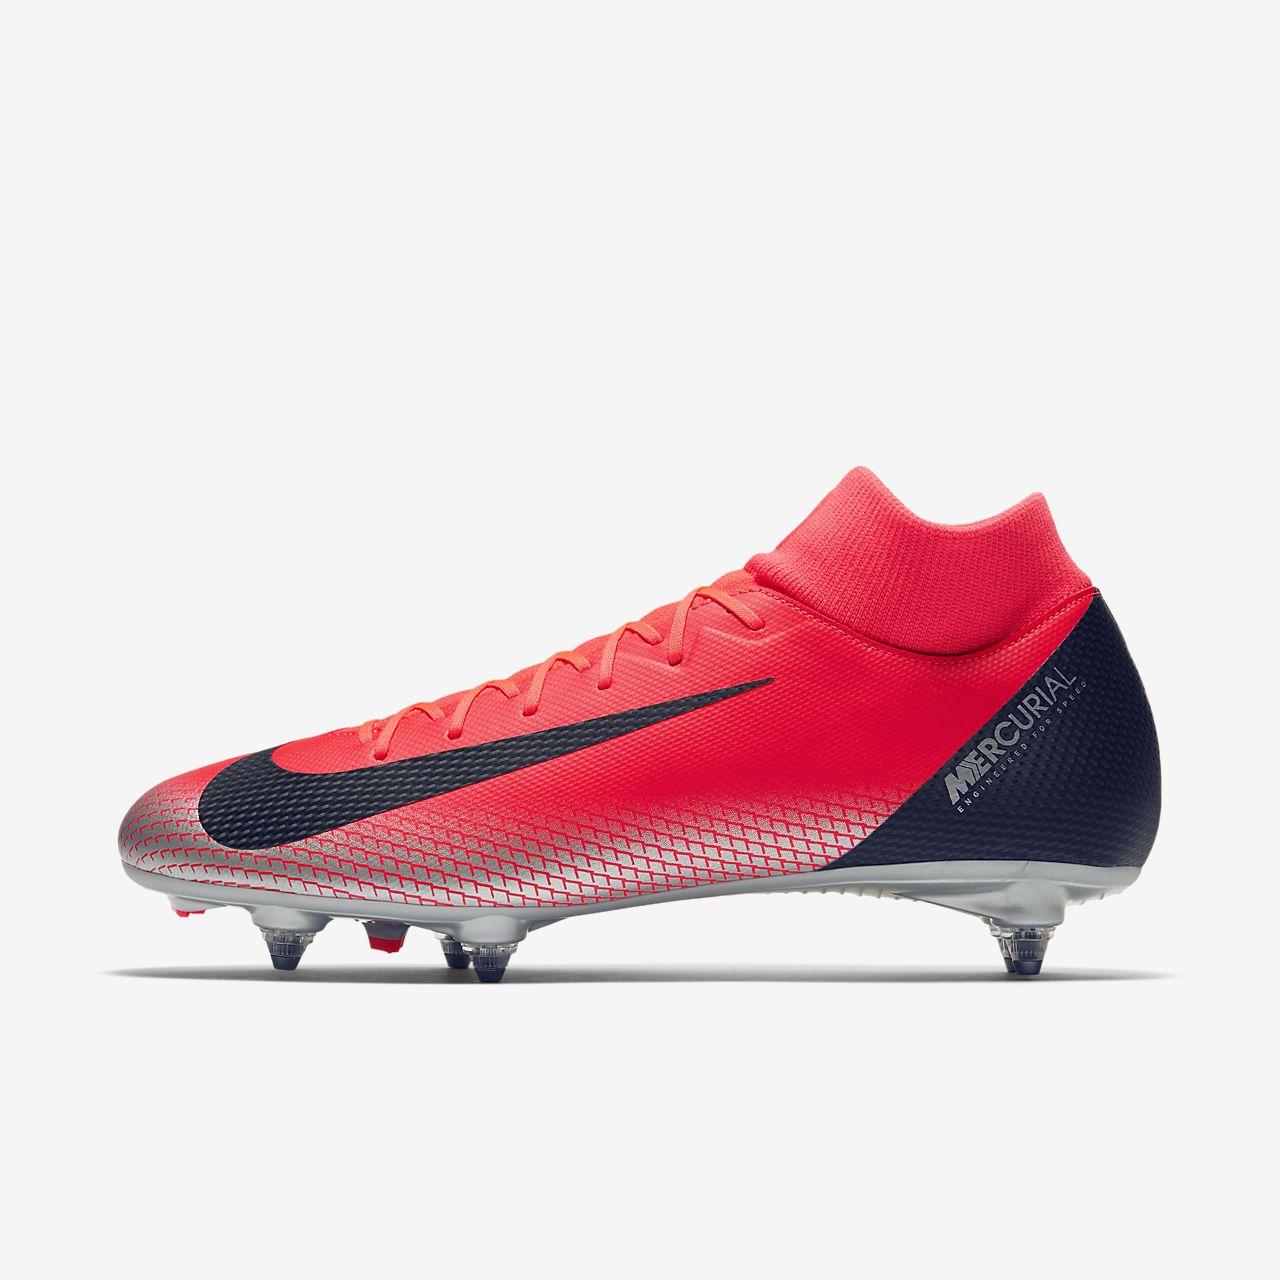 3f3607d90 Acquista scarpe da calcio nike per terreni morbidi - OFF77% sconti